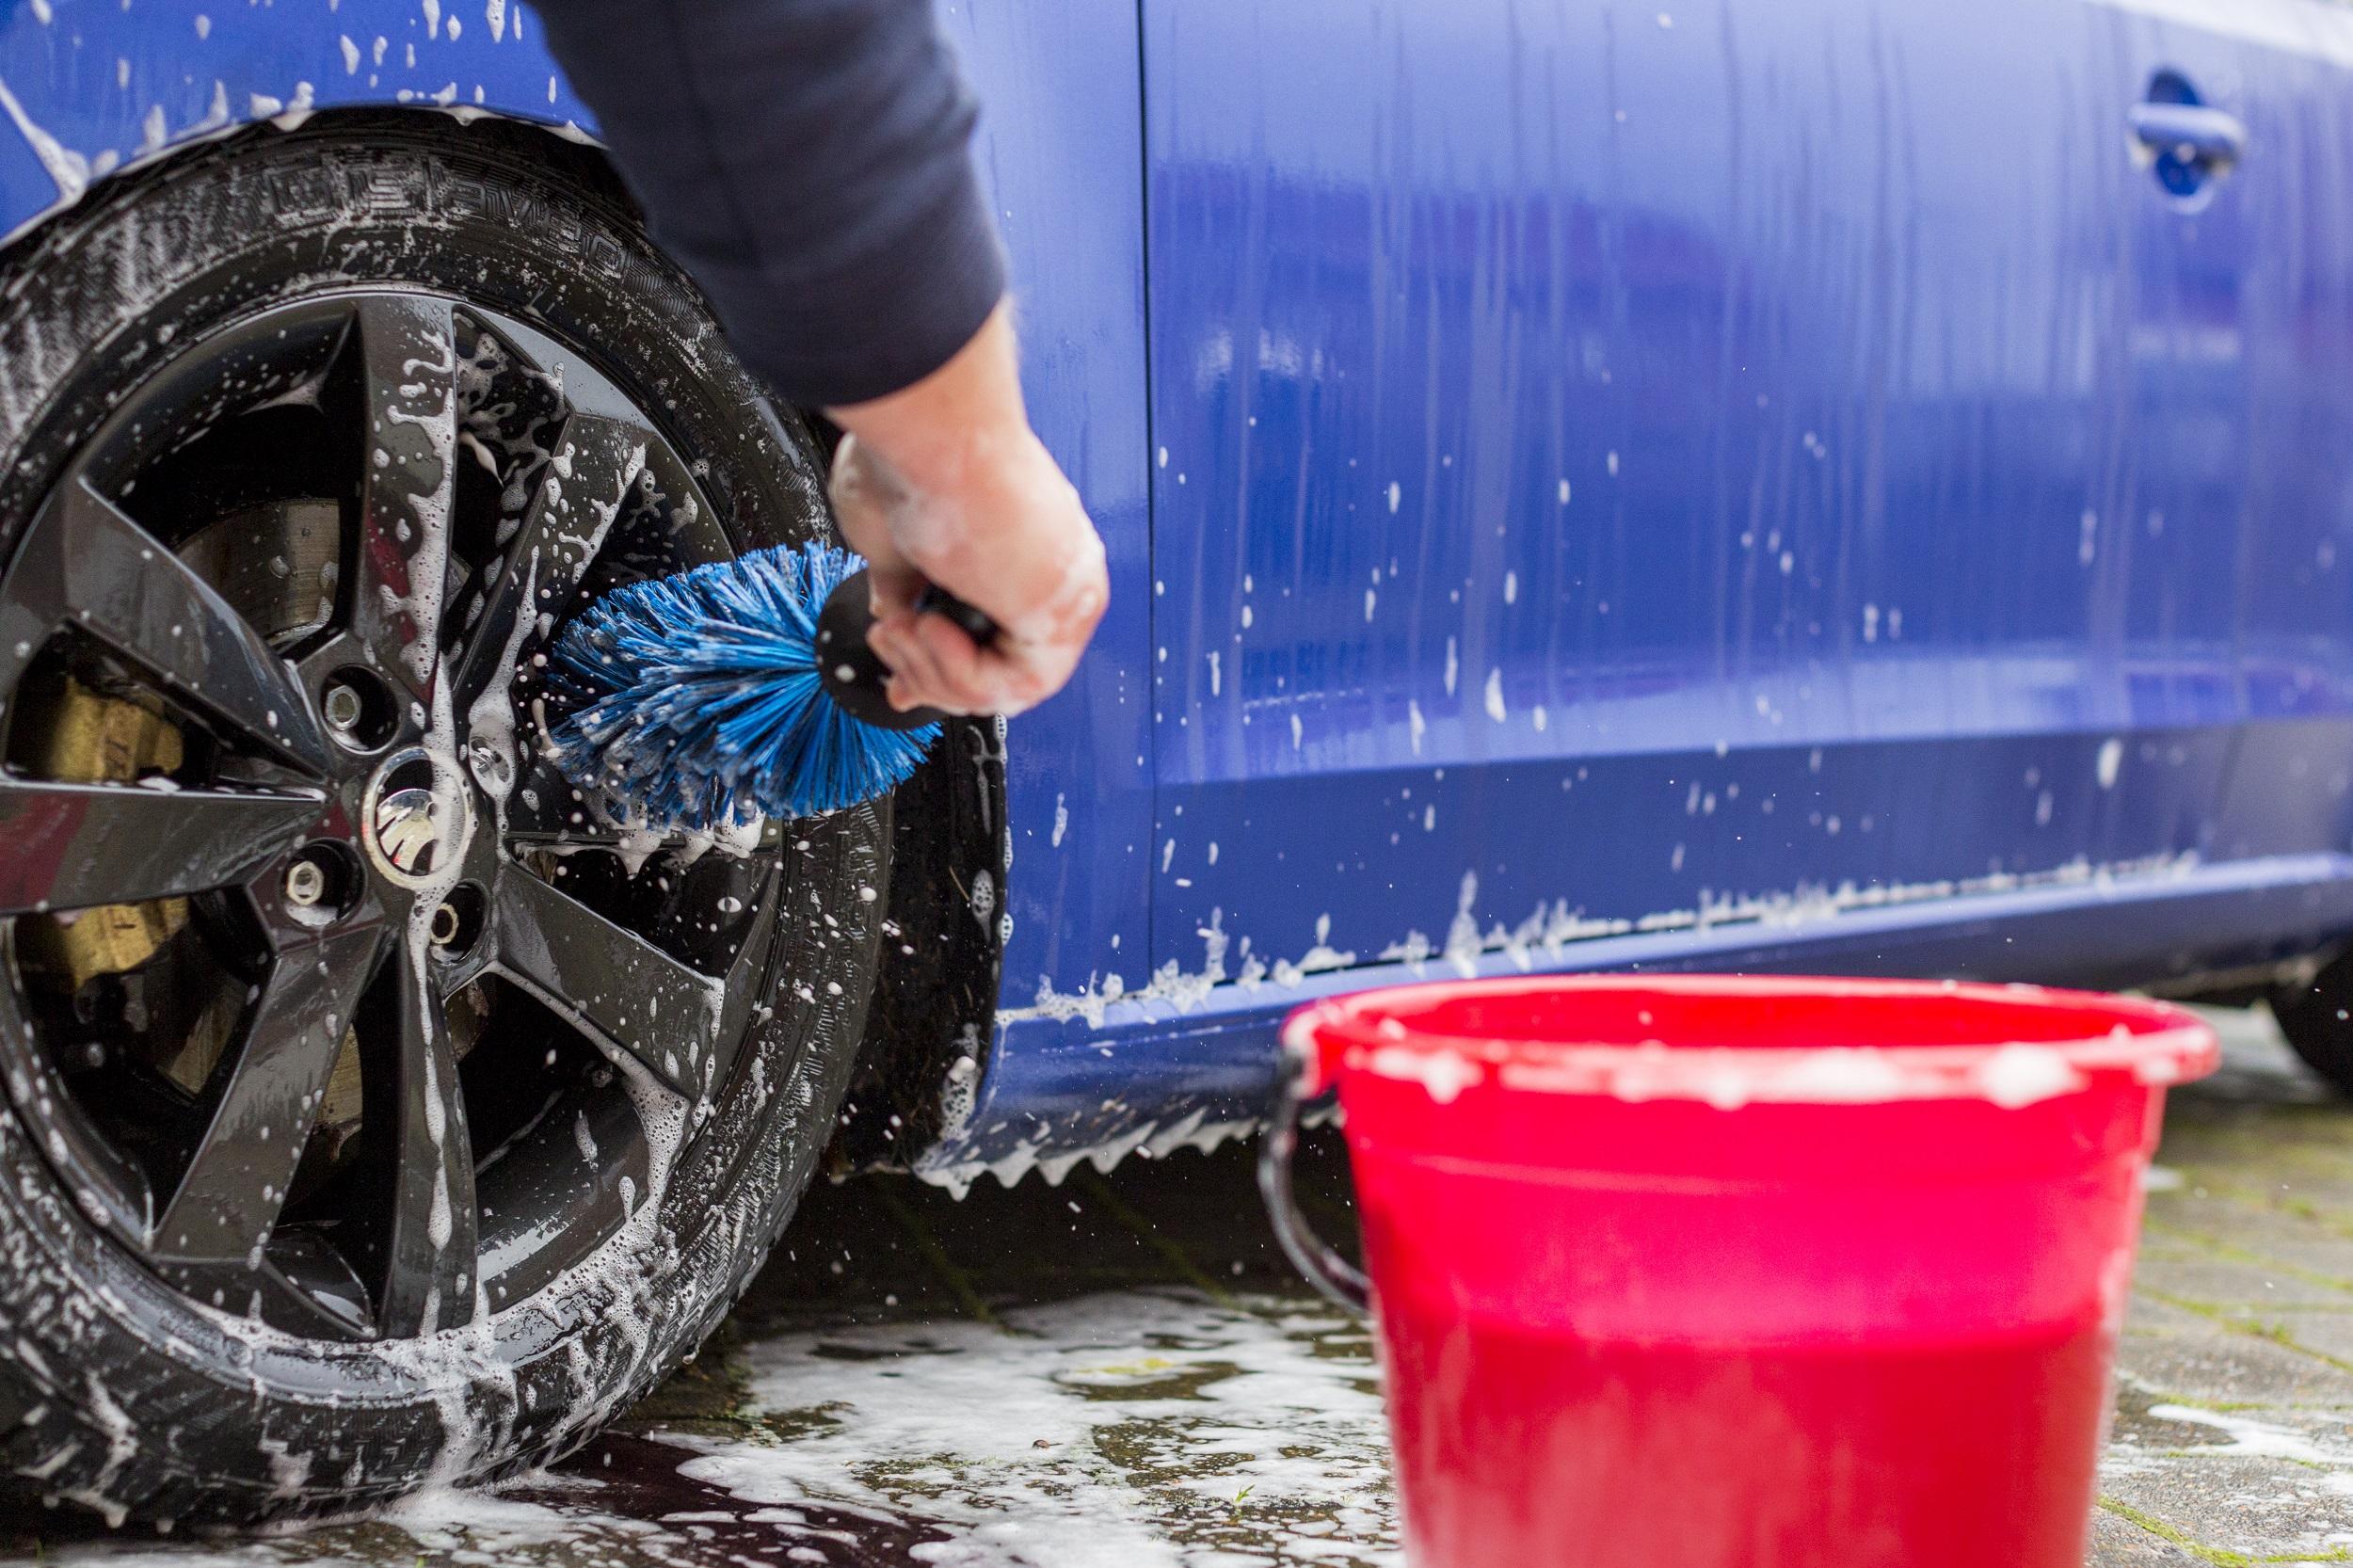 håndvask af bil